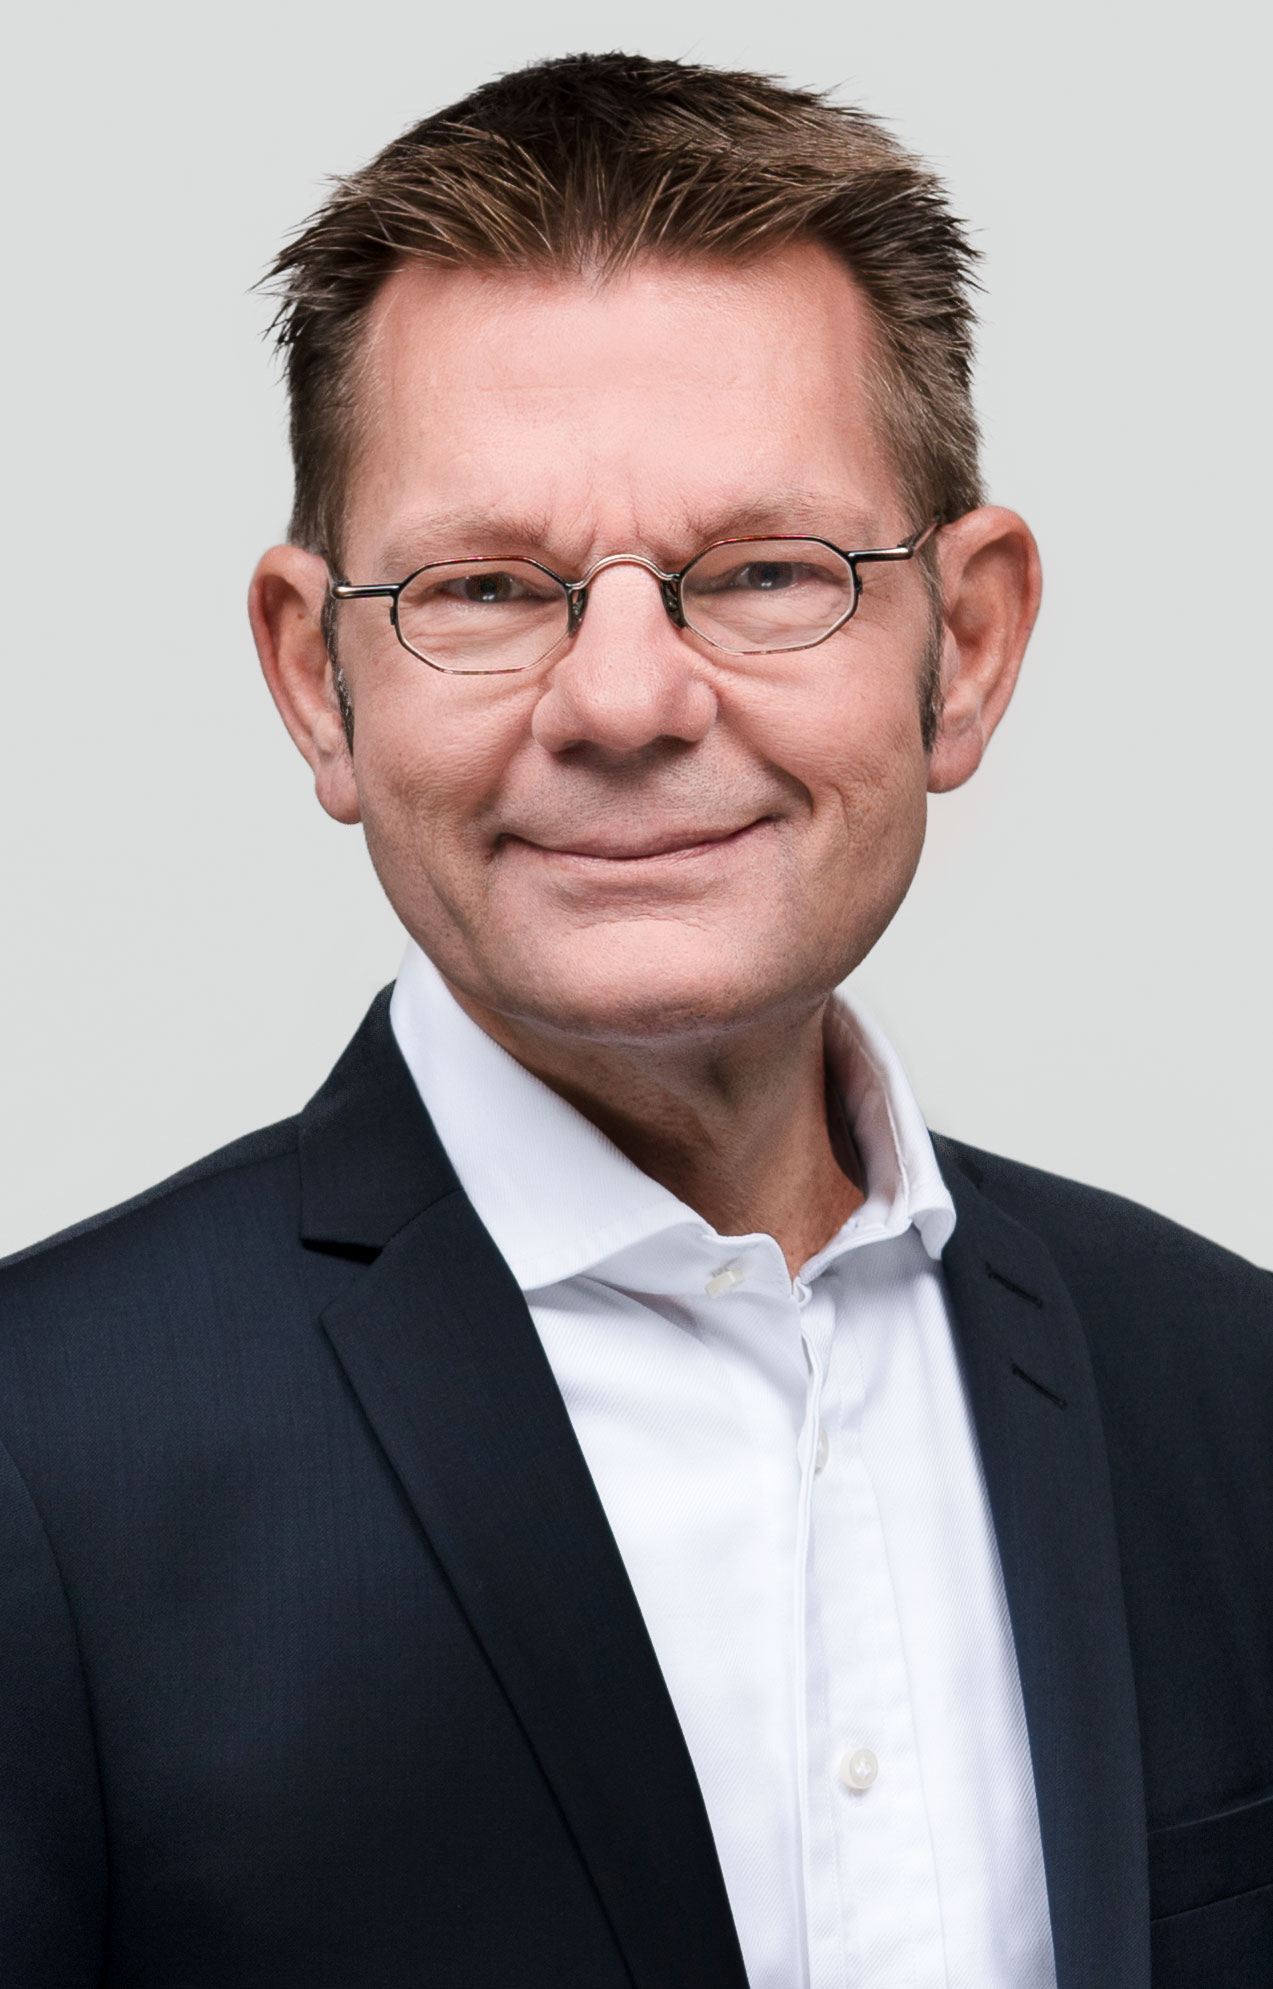 Helmut Binder, Paessler AG CEO